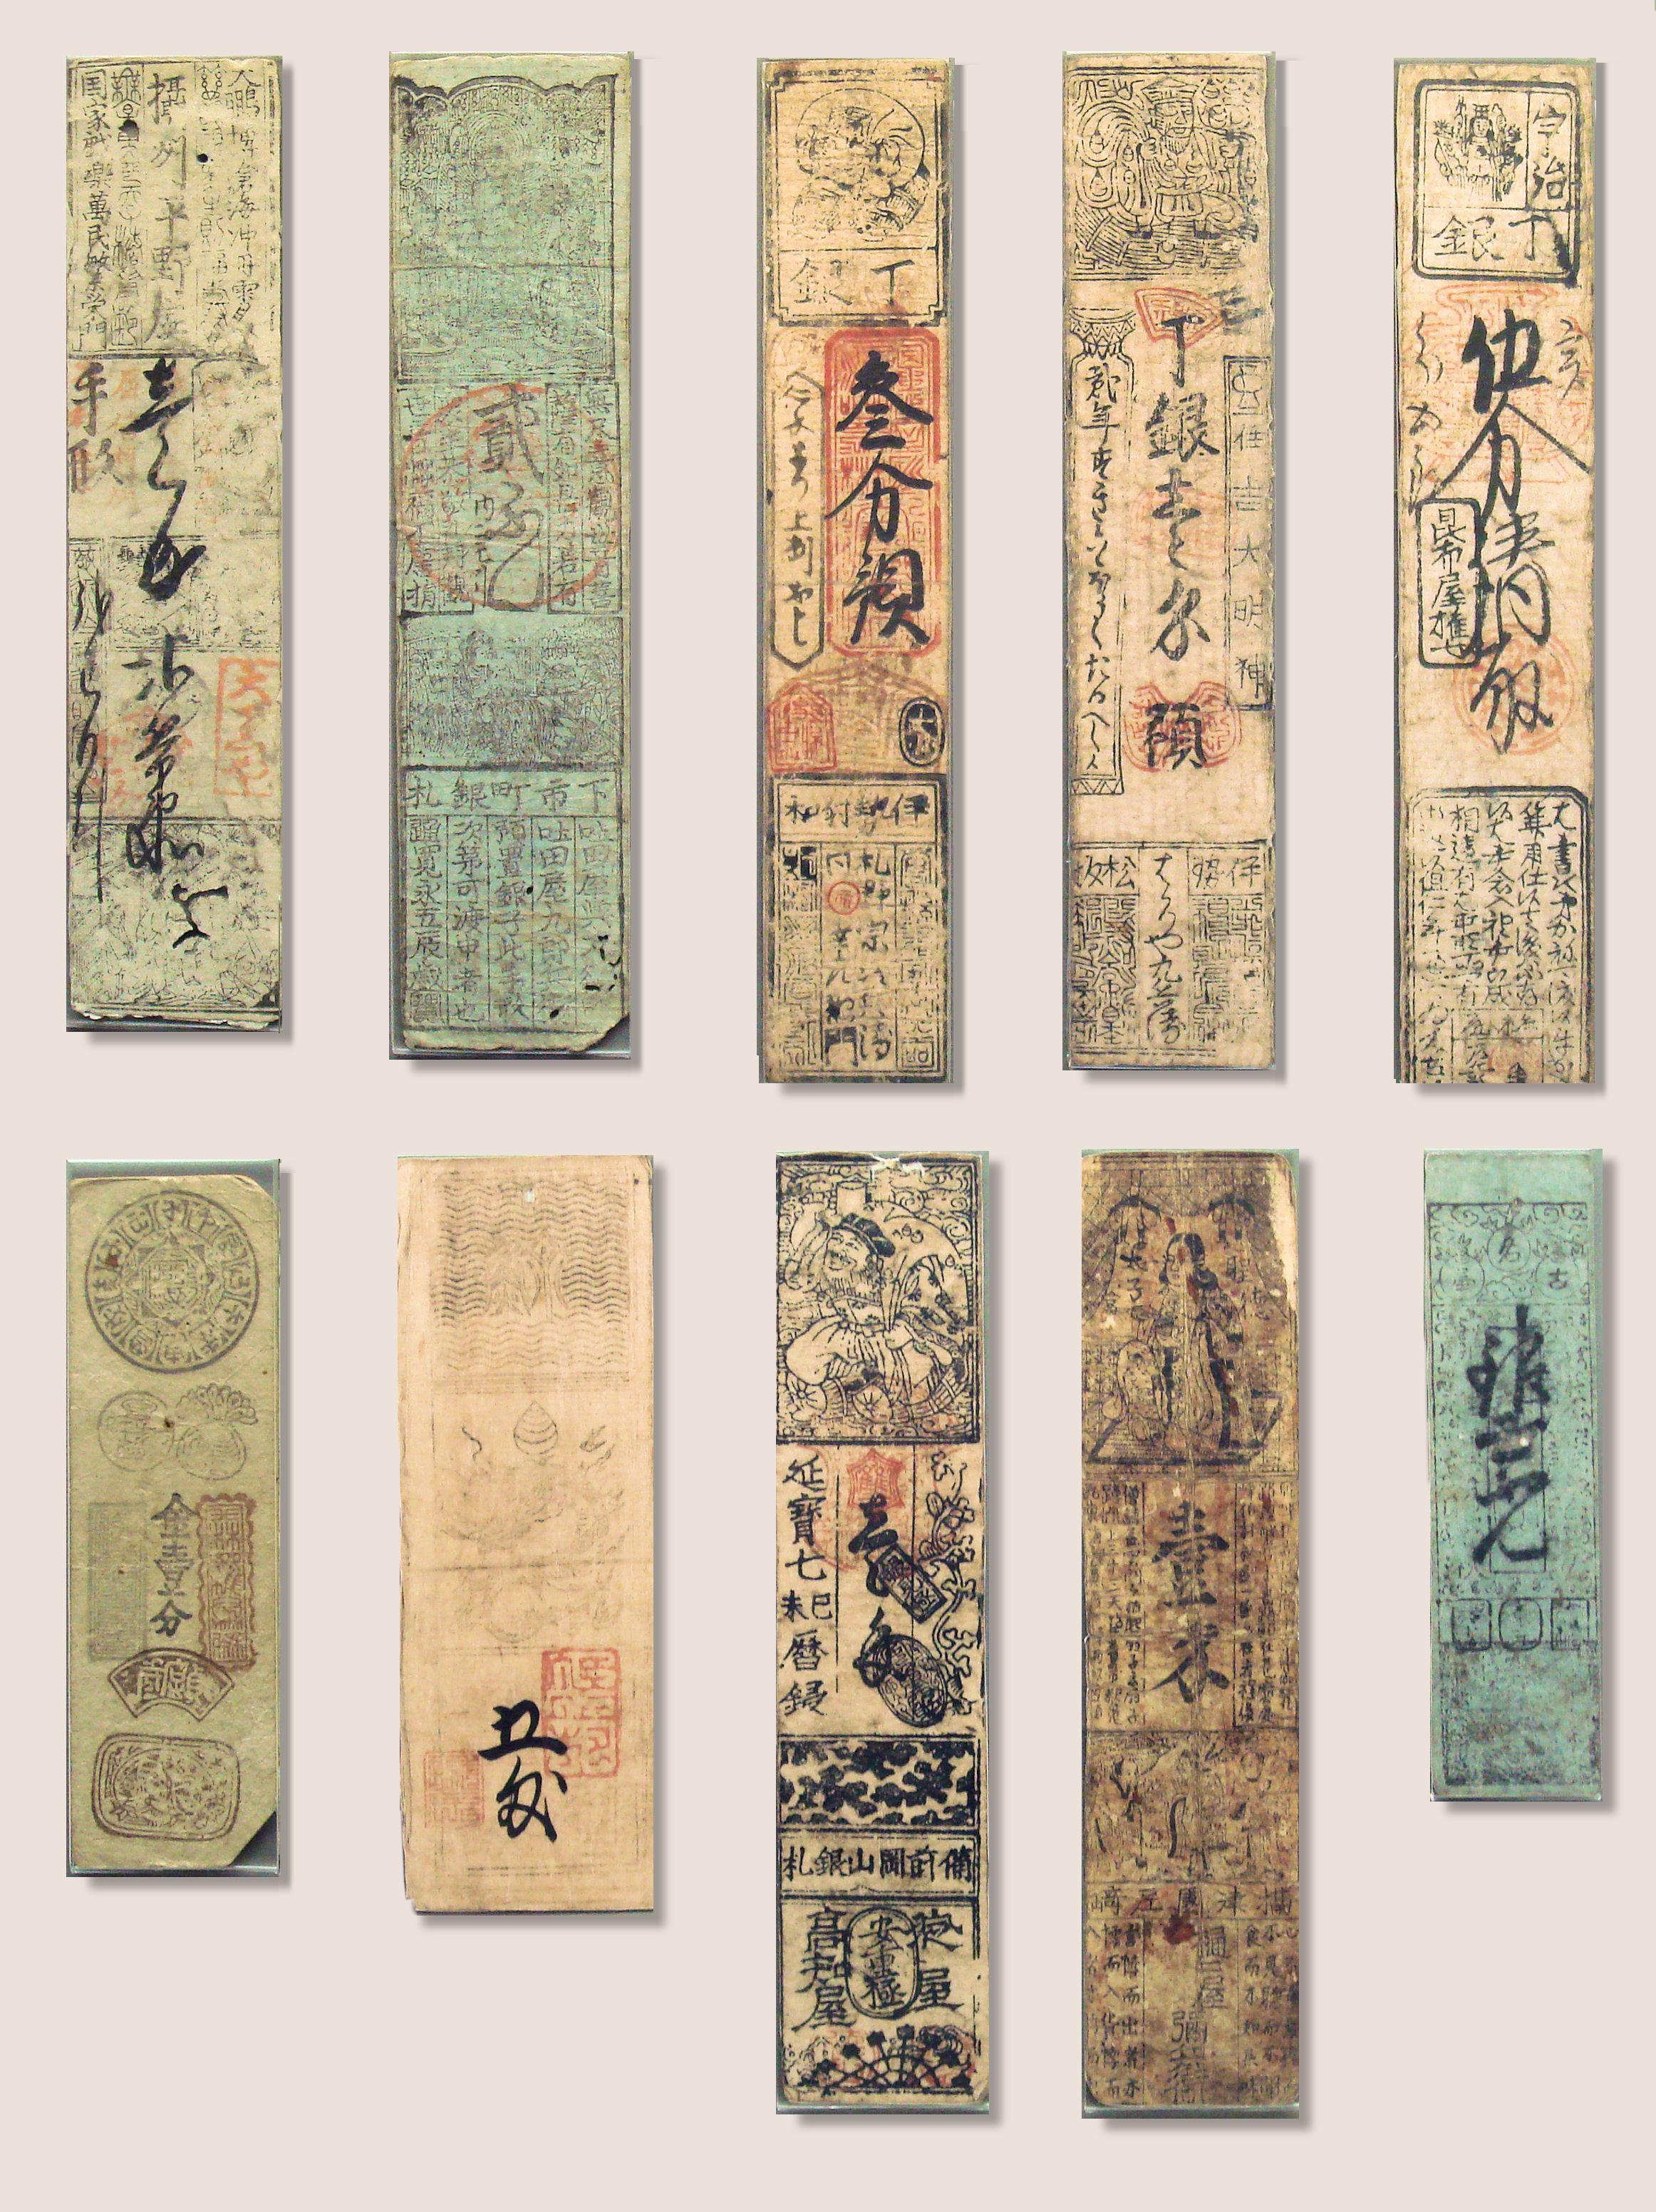 Les systèmes monétaires de Samudra Feudal_notes_of_Japan_Edo_period